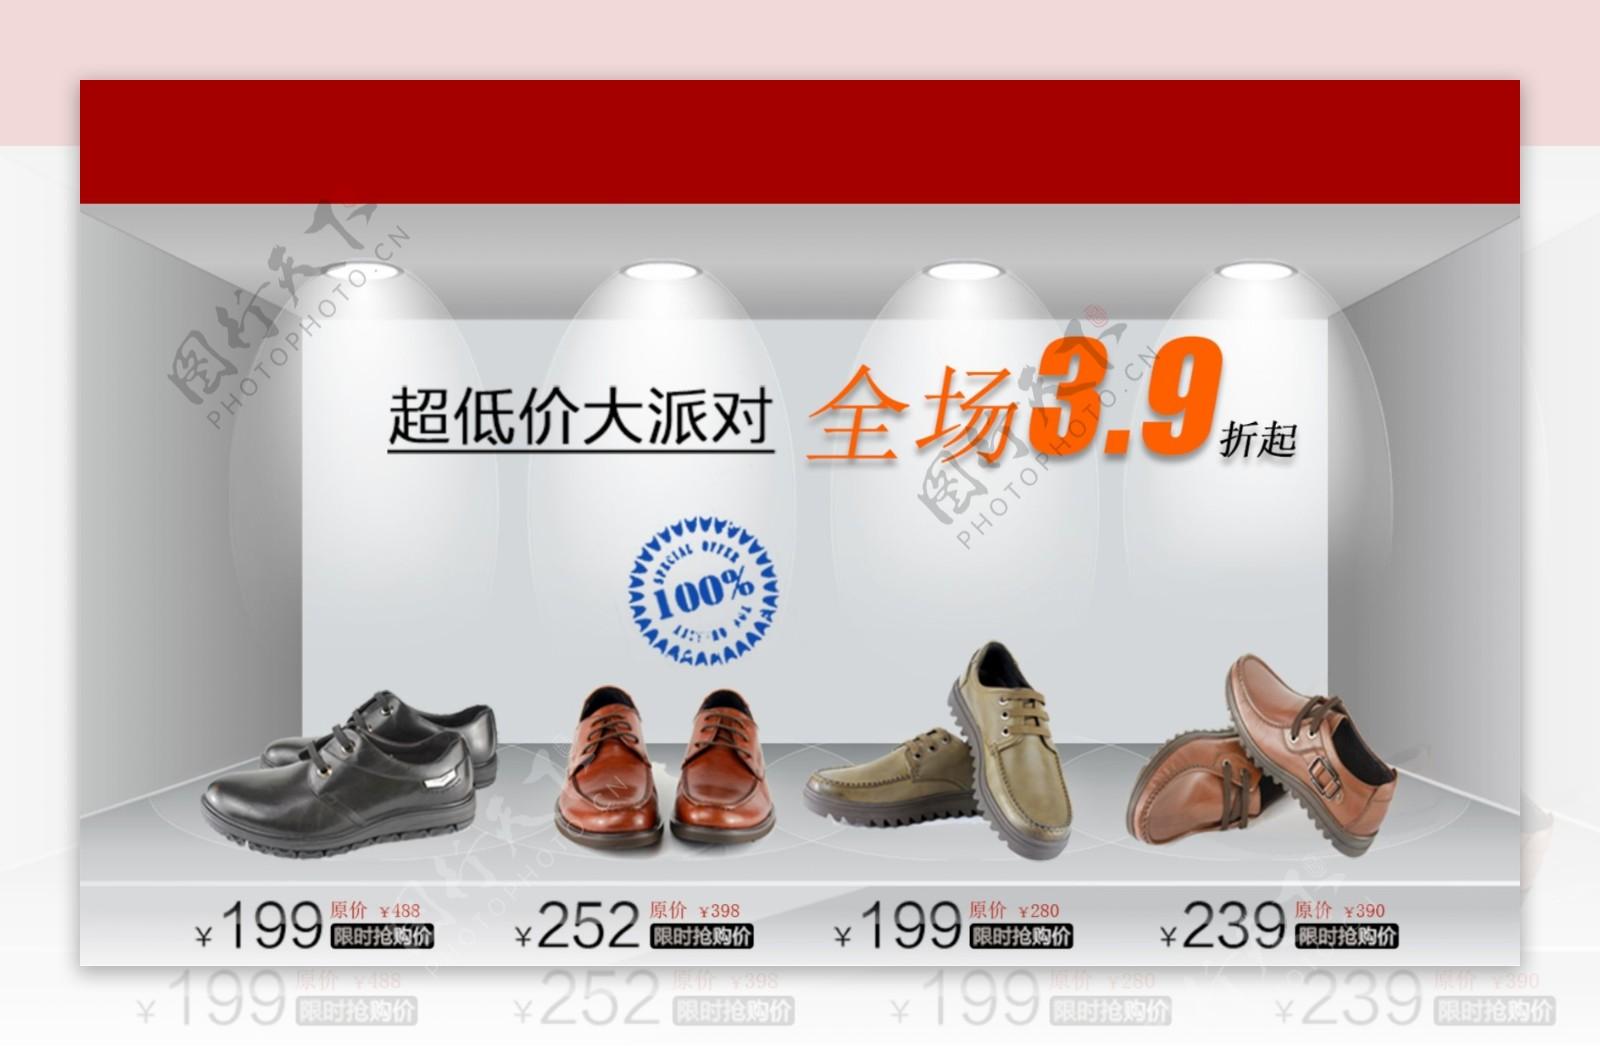 男鞋低价派对关联营销模板